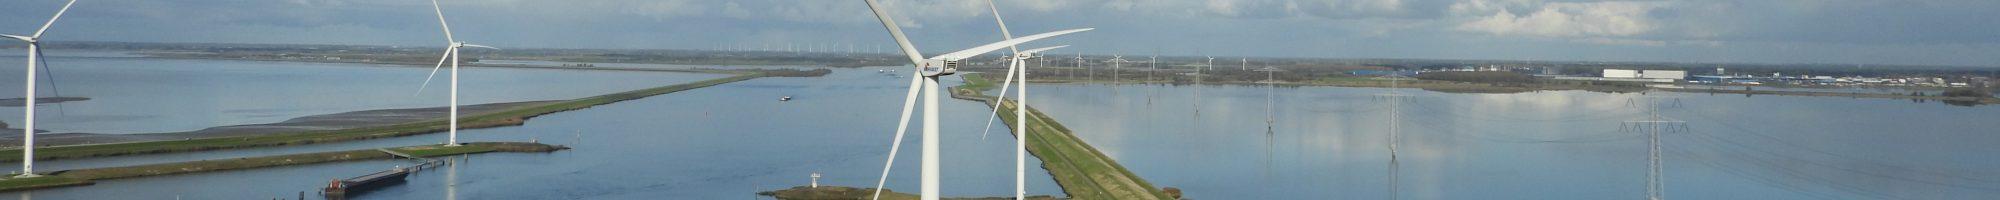 Windkracht beheer - Krachtig in beheer & inspecties